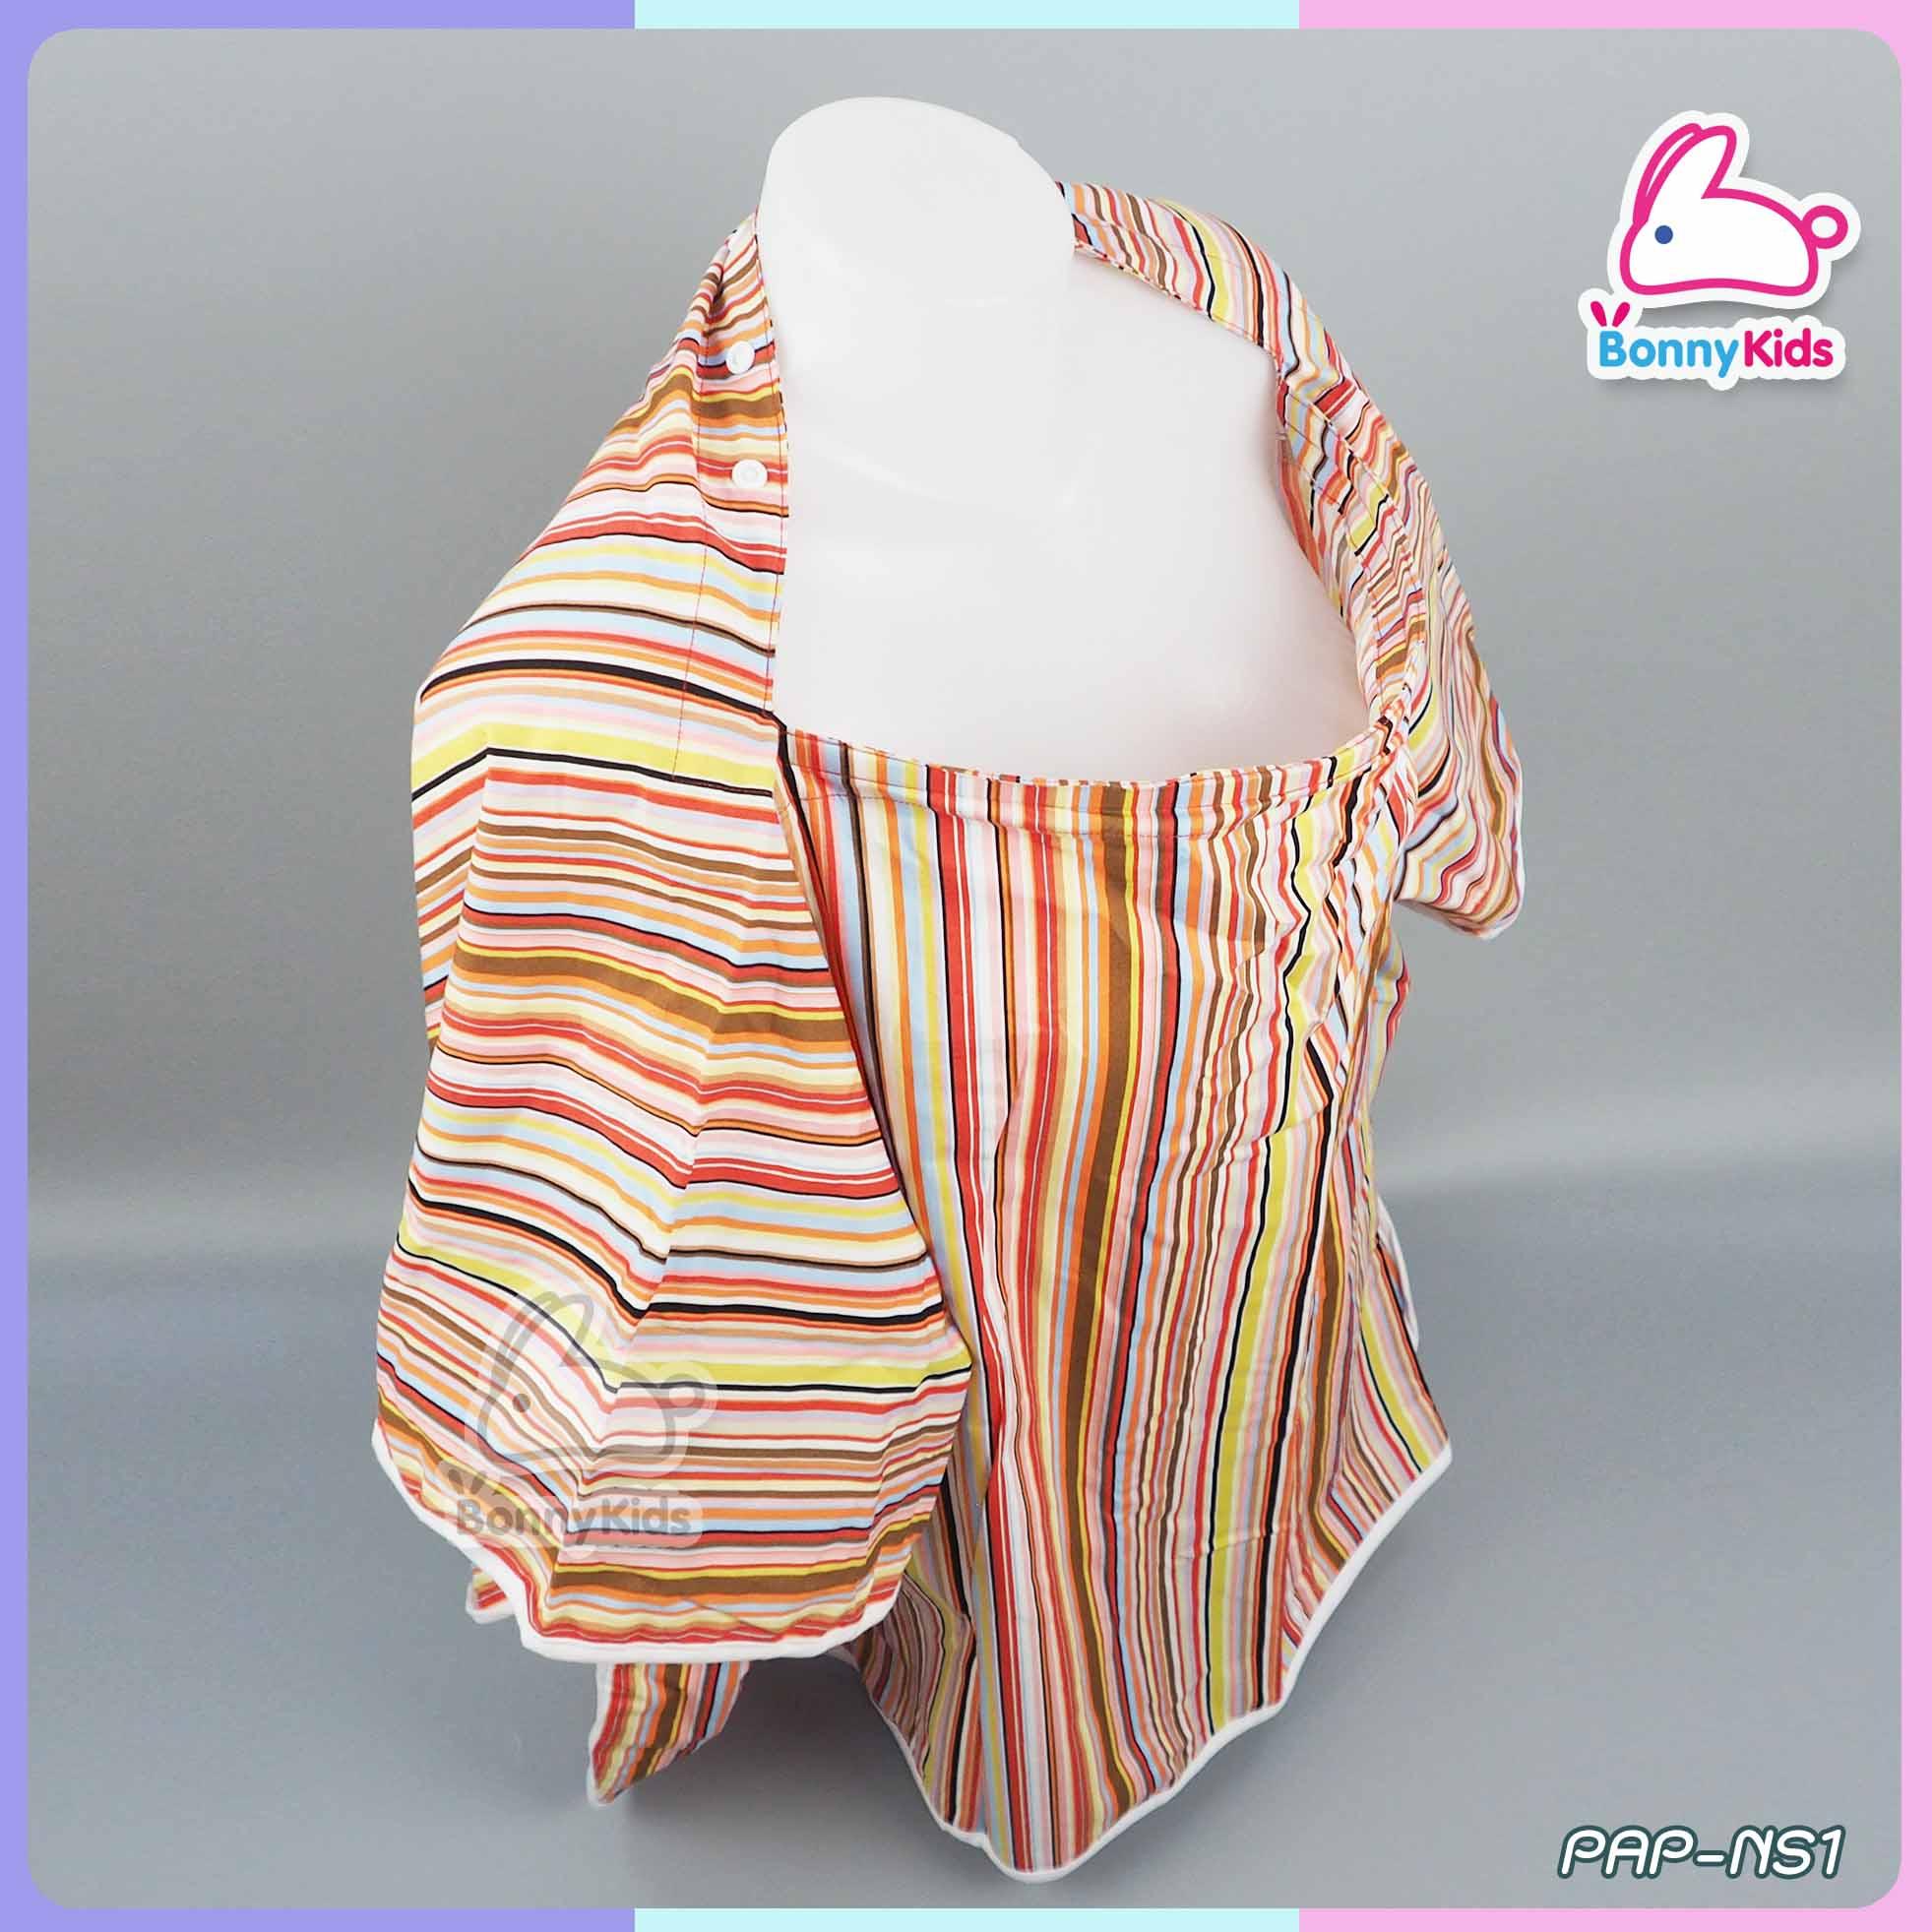 ผ้าคลุมให้นมบุตรมีโครง แบบคลุมหน้า-หลัง ปรับความกว้างช่วงคอได้